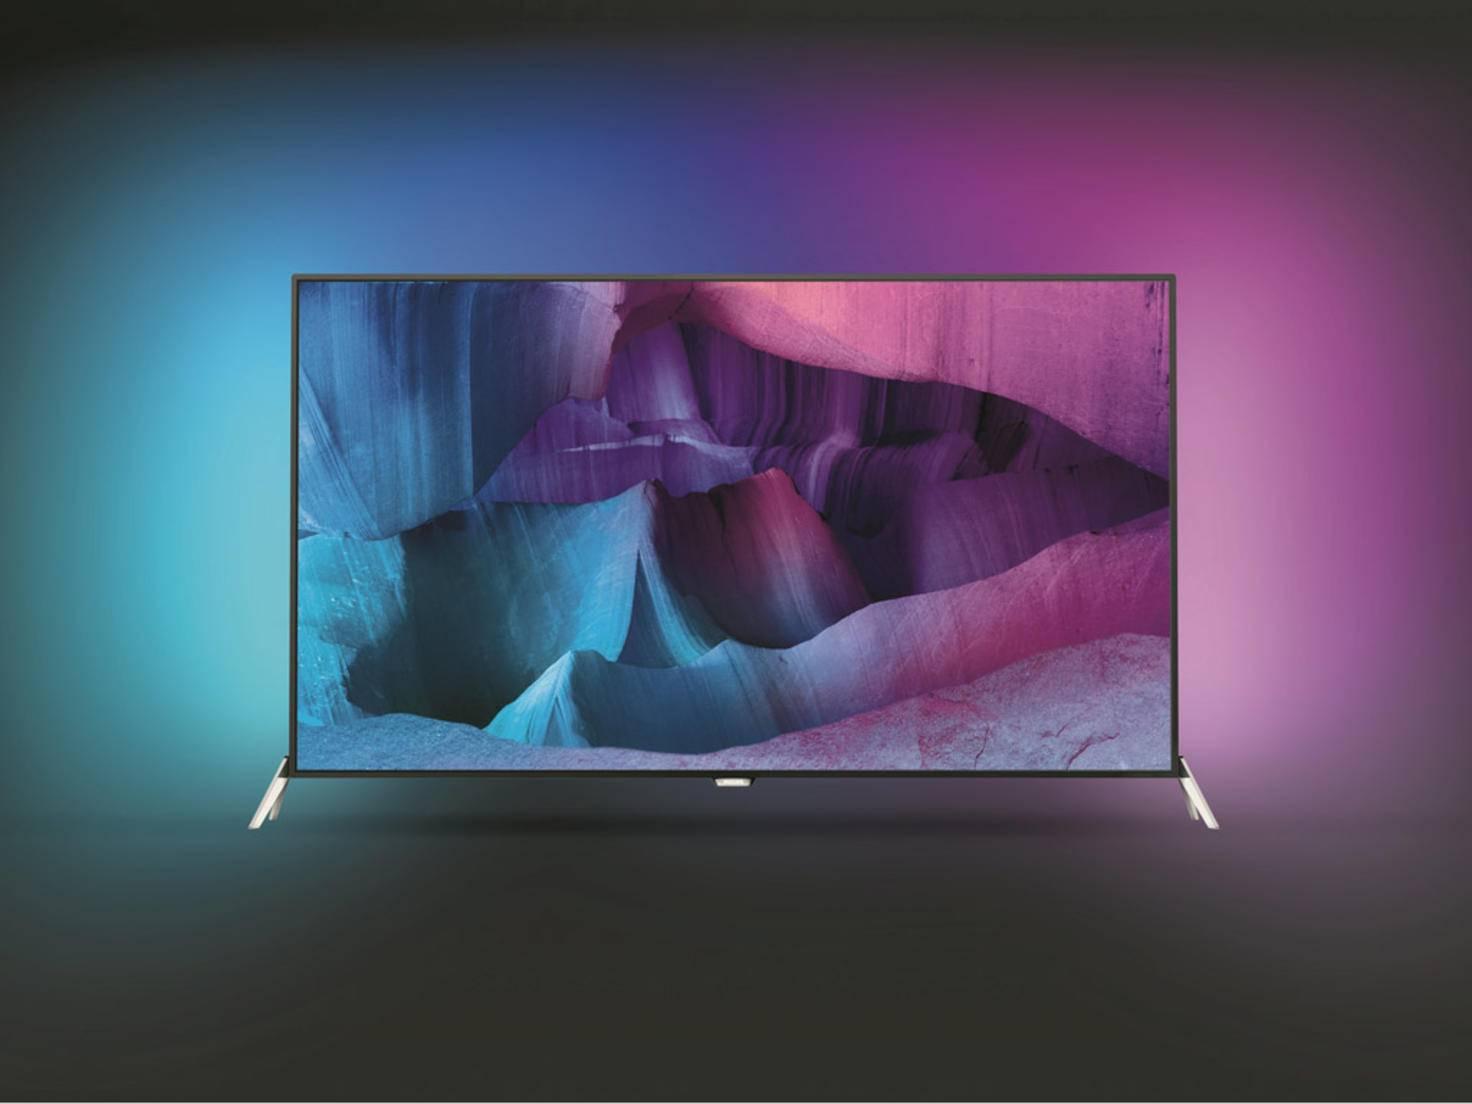 Der Philips Ambilight UHD-TV bringt alles mit, was ein Ultra HD-Fernseher benötigt.